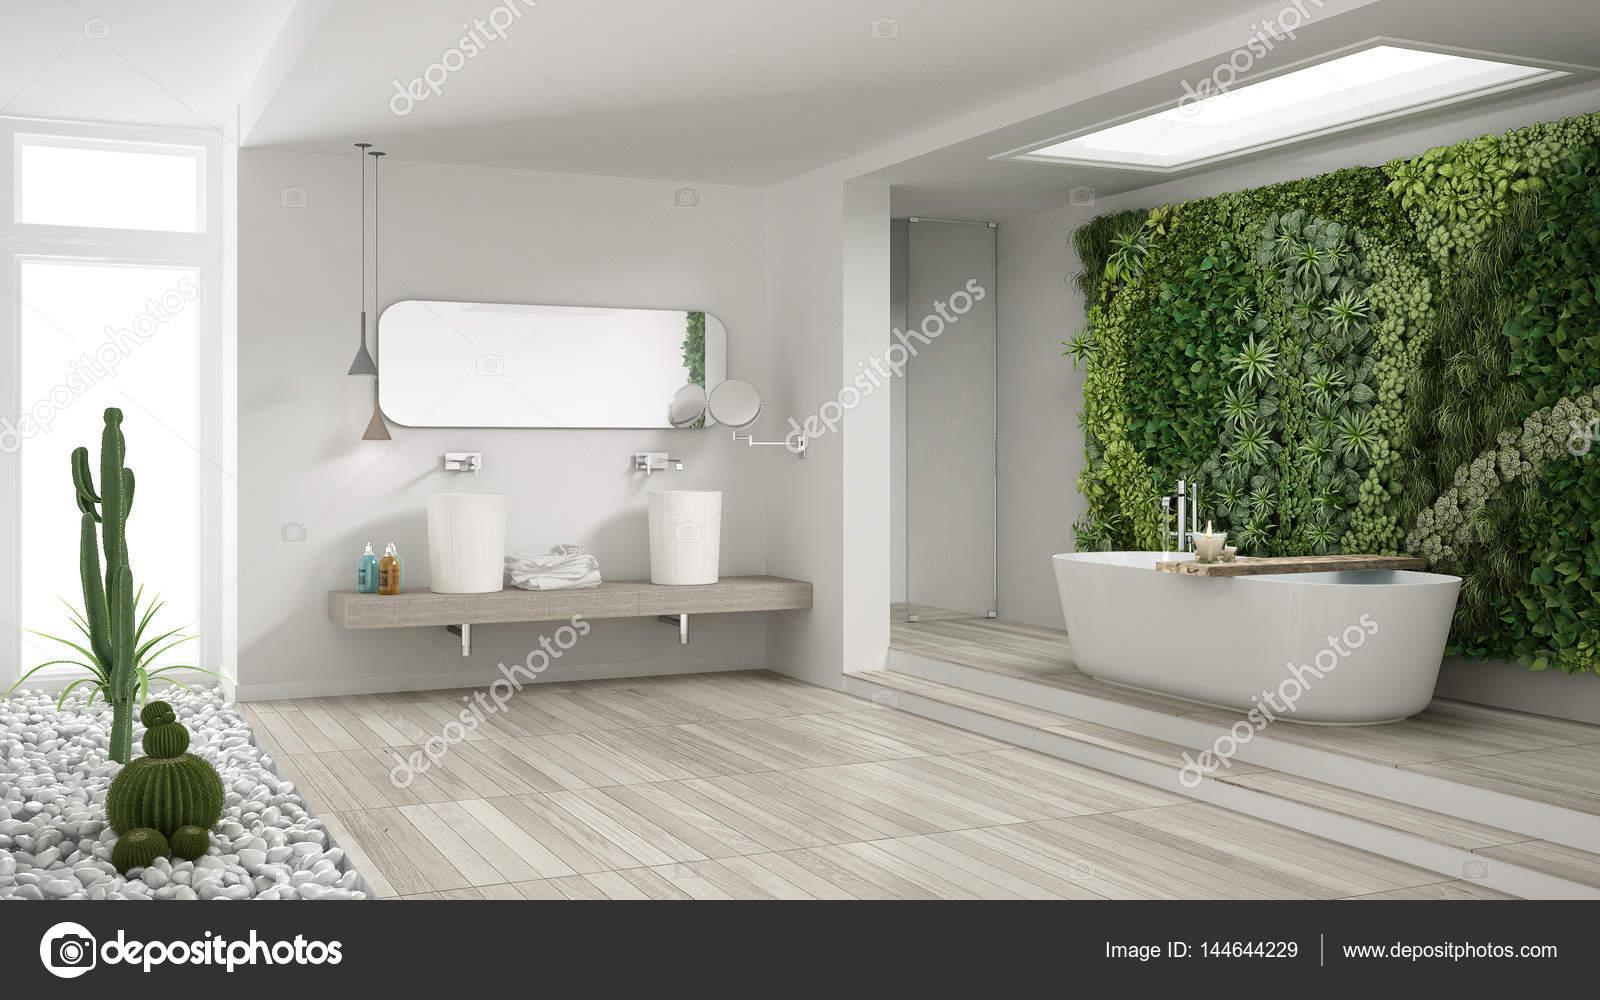 Salle De Bain Galet Blanc ~ salle de bain blanc minimaliste avec jardin vertical et succulent